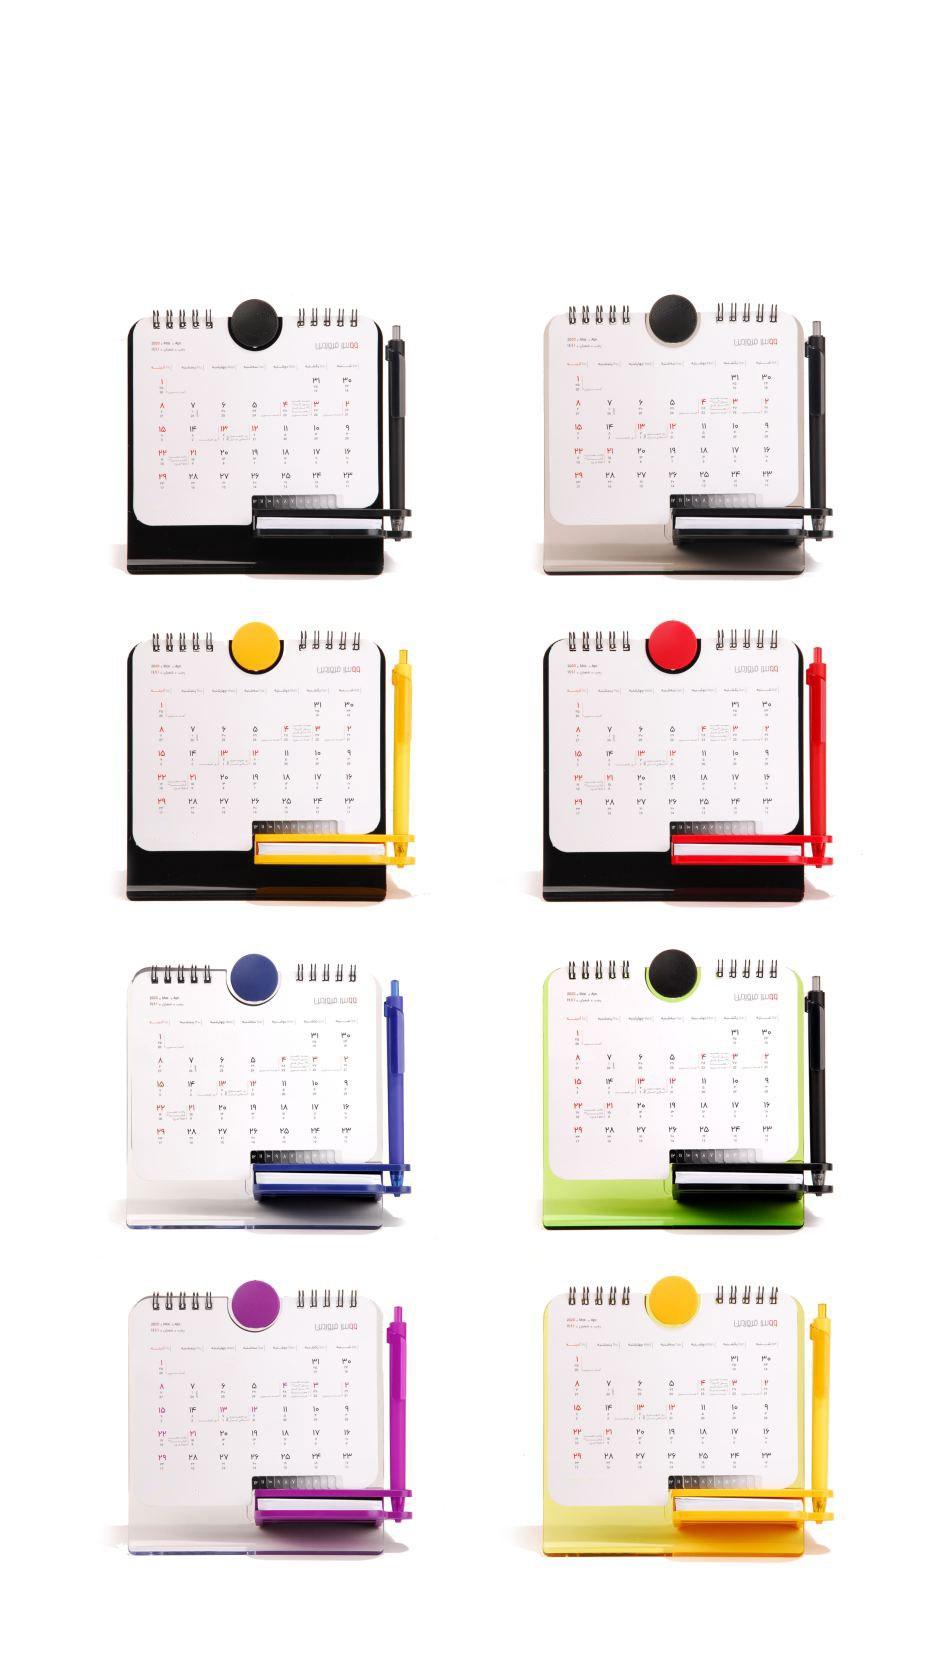 رنگ های مختلف تقویم